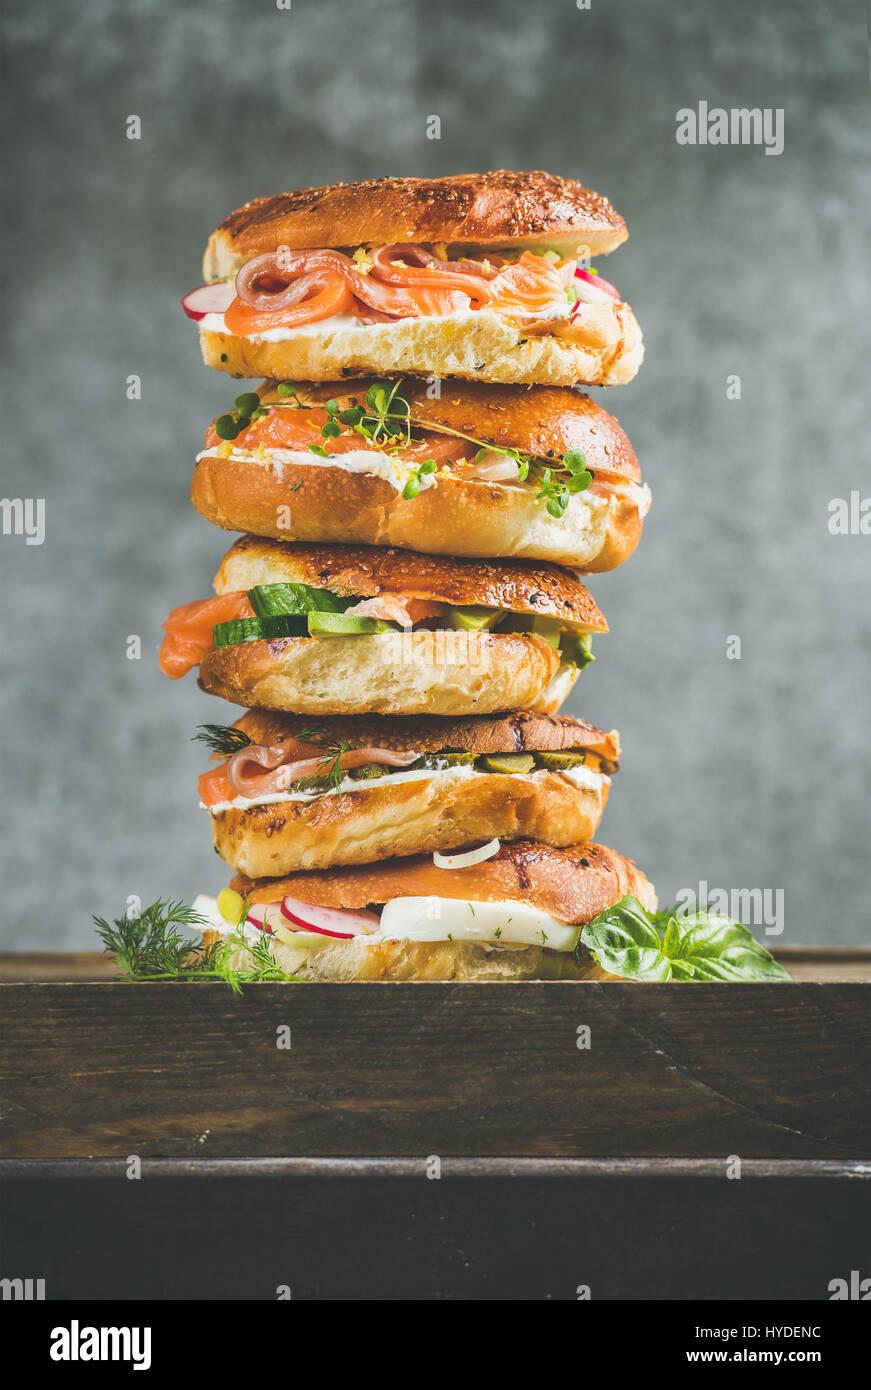 Cerca del montón de Bagels con salmón, huevos, verduras y queso crema Imagen De Stock